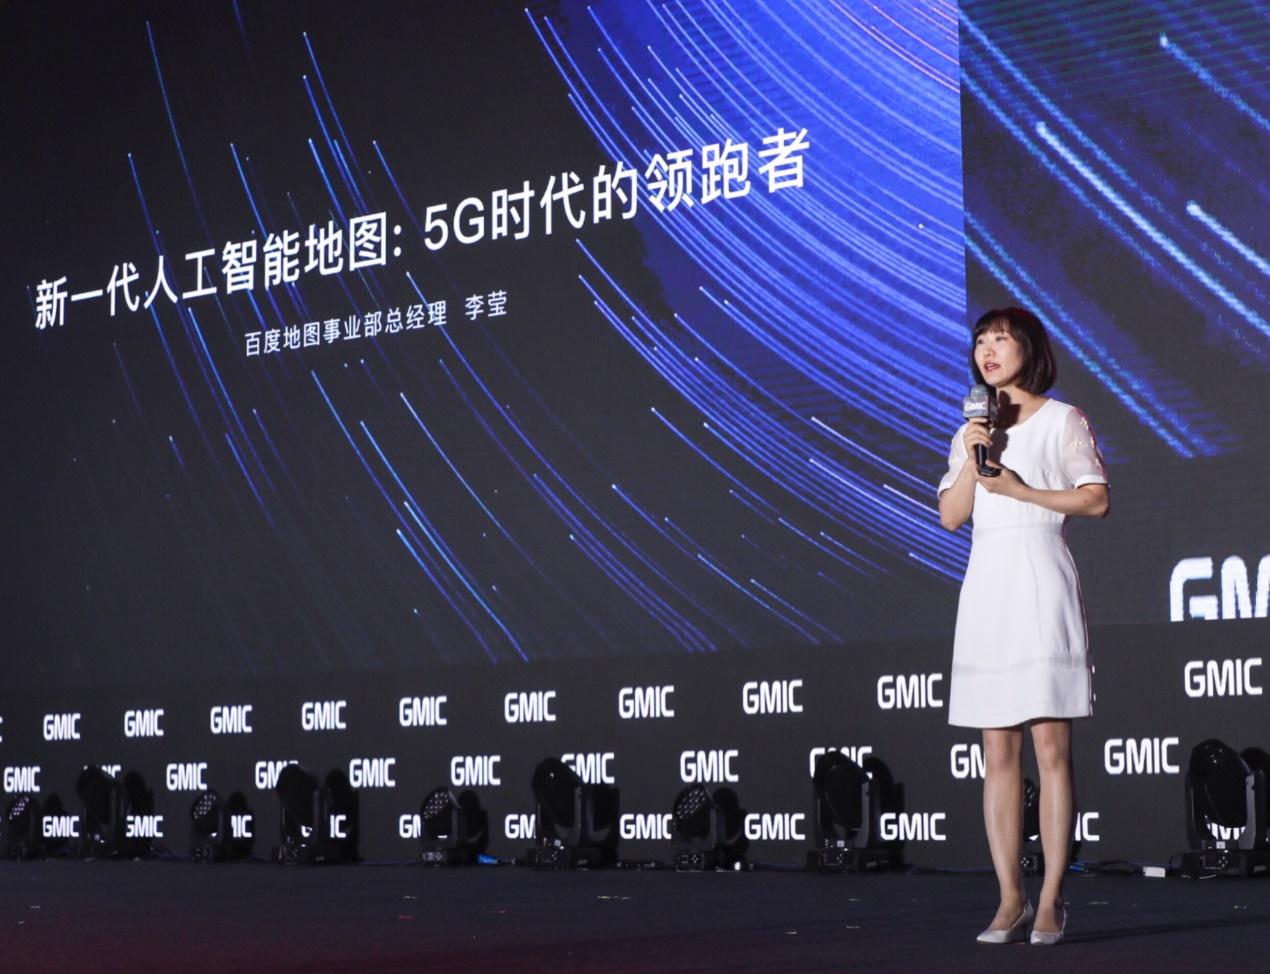 """百度李莹讲述5G时代AI地图的三大""""进化""""关键词:精细化、真实化、智能化"""